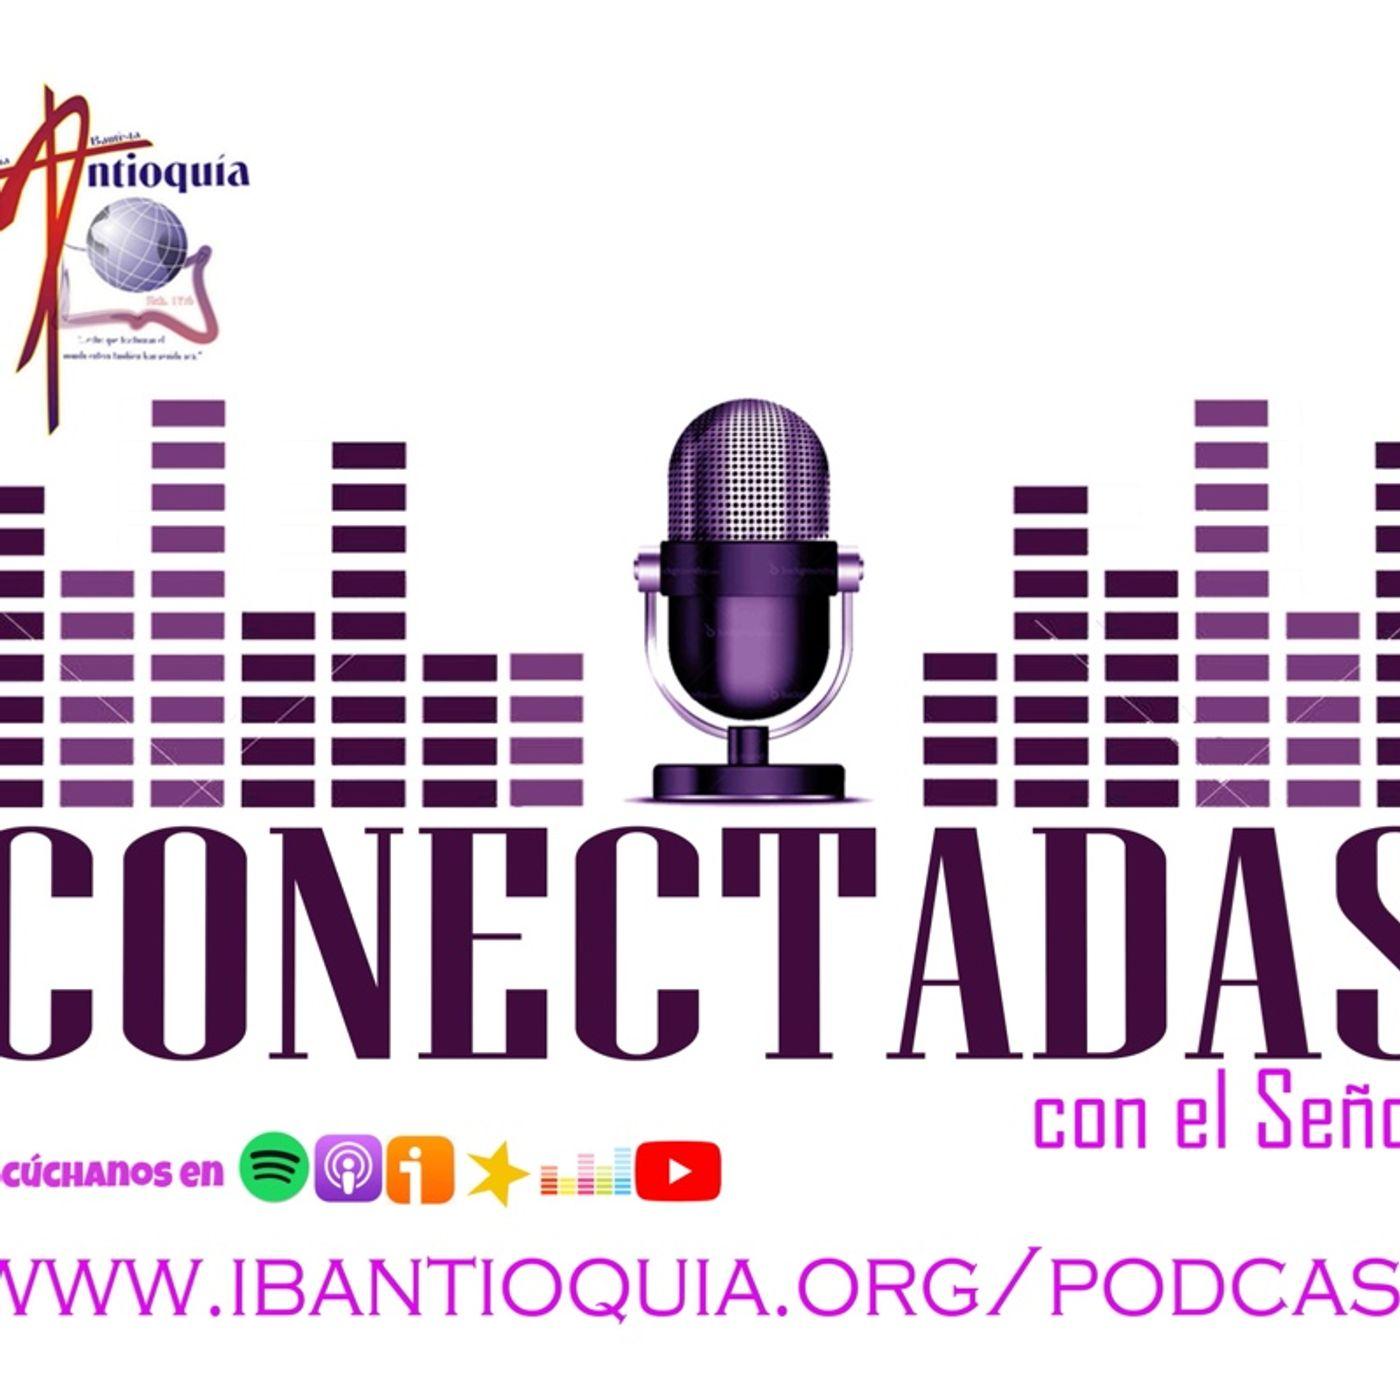 Episodio 30 - Conectadas - Hna Mary de Marrero - IBA